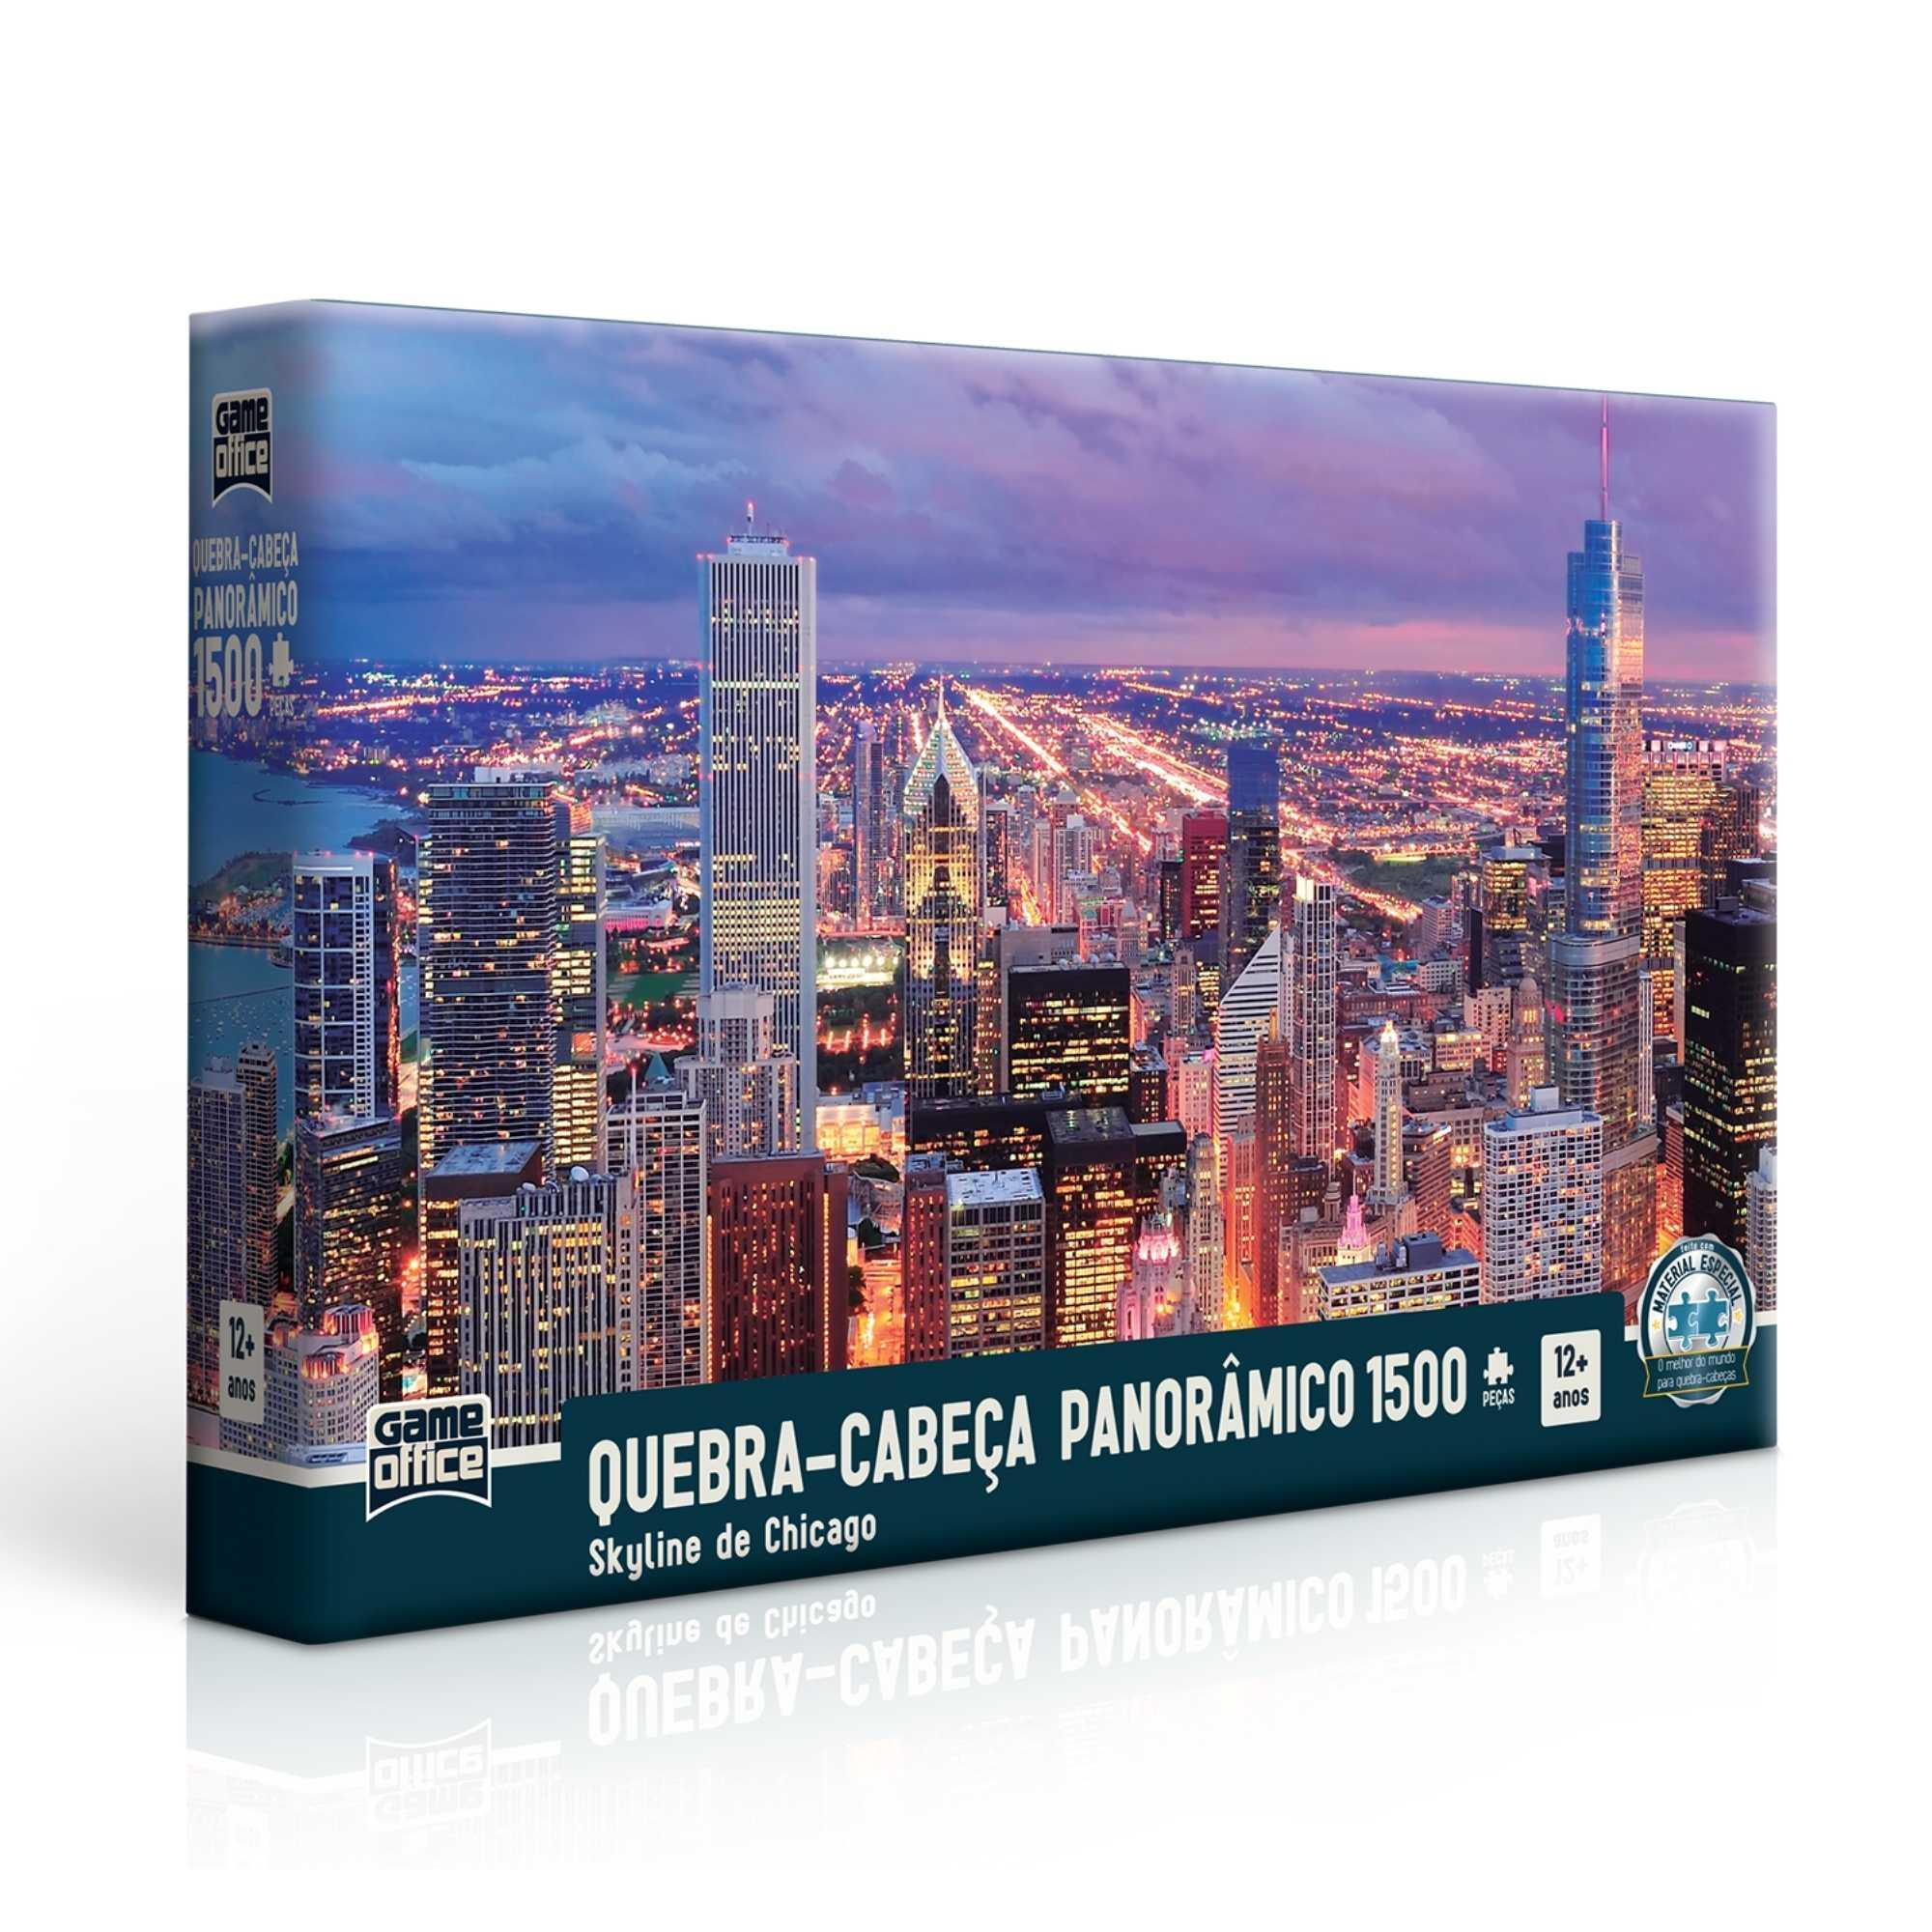 Quebra-cabeça Panorâmico Skyline de Chicago - 1500 peças - Game Office